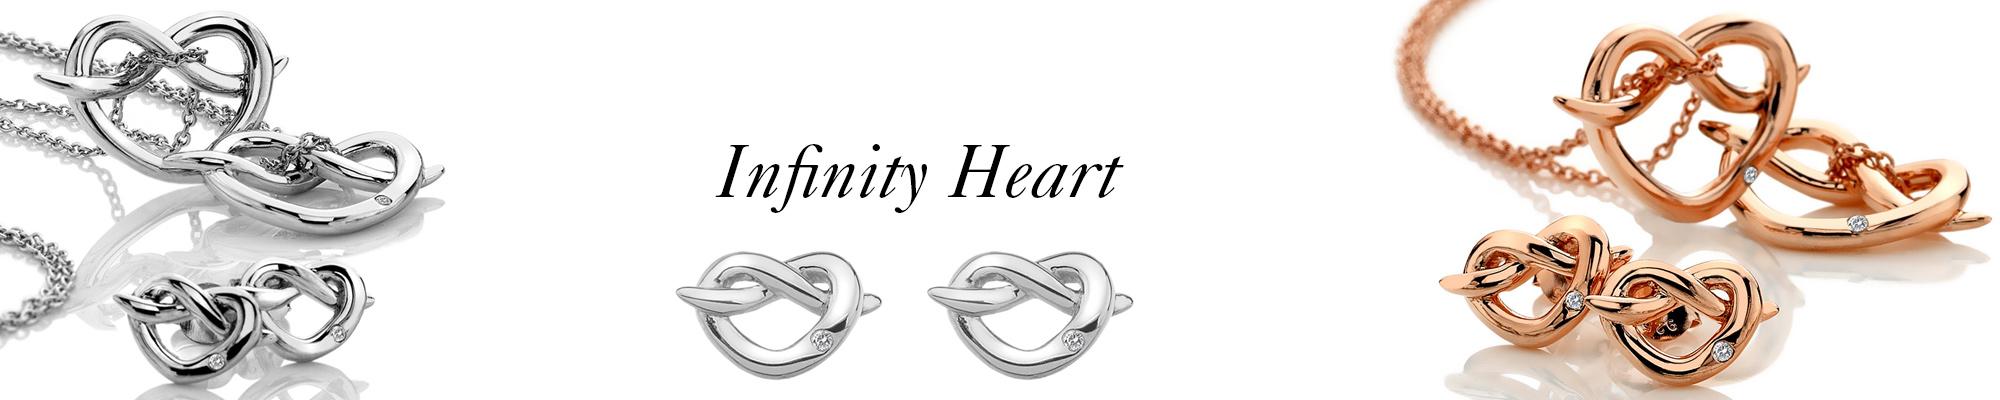 kolekce Infinity Heart